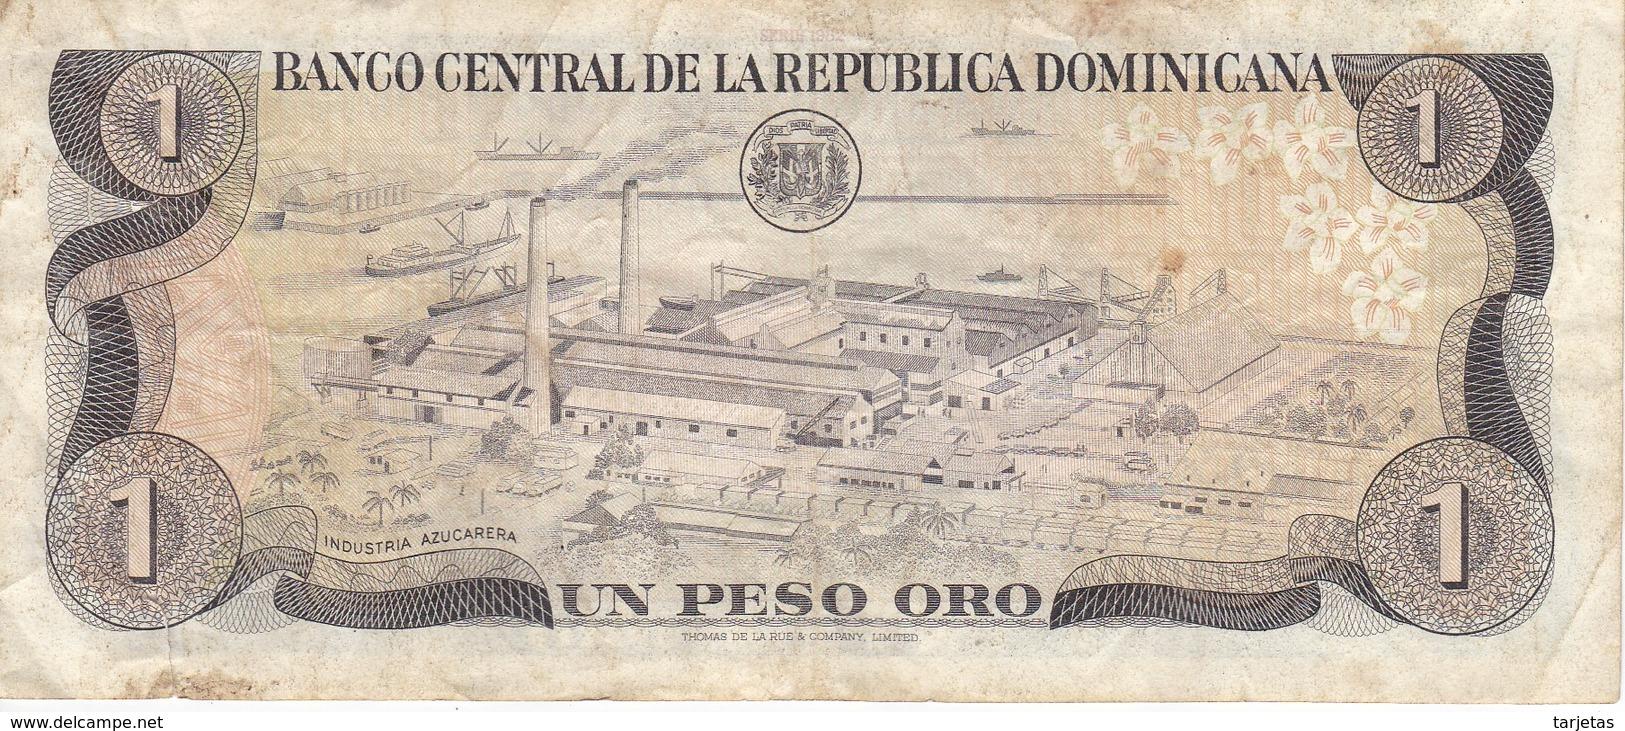 BILLETE DE LA REPUBLICA DOMINICANA DE 1 PESO ORO DEL AÑO 1982  (BANKNOTE) - República Dominicana